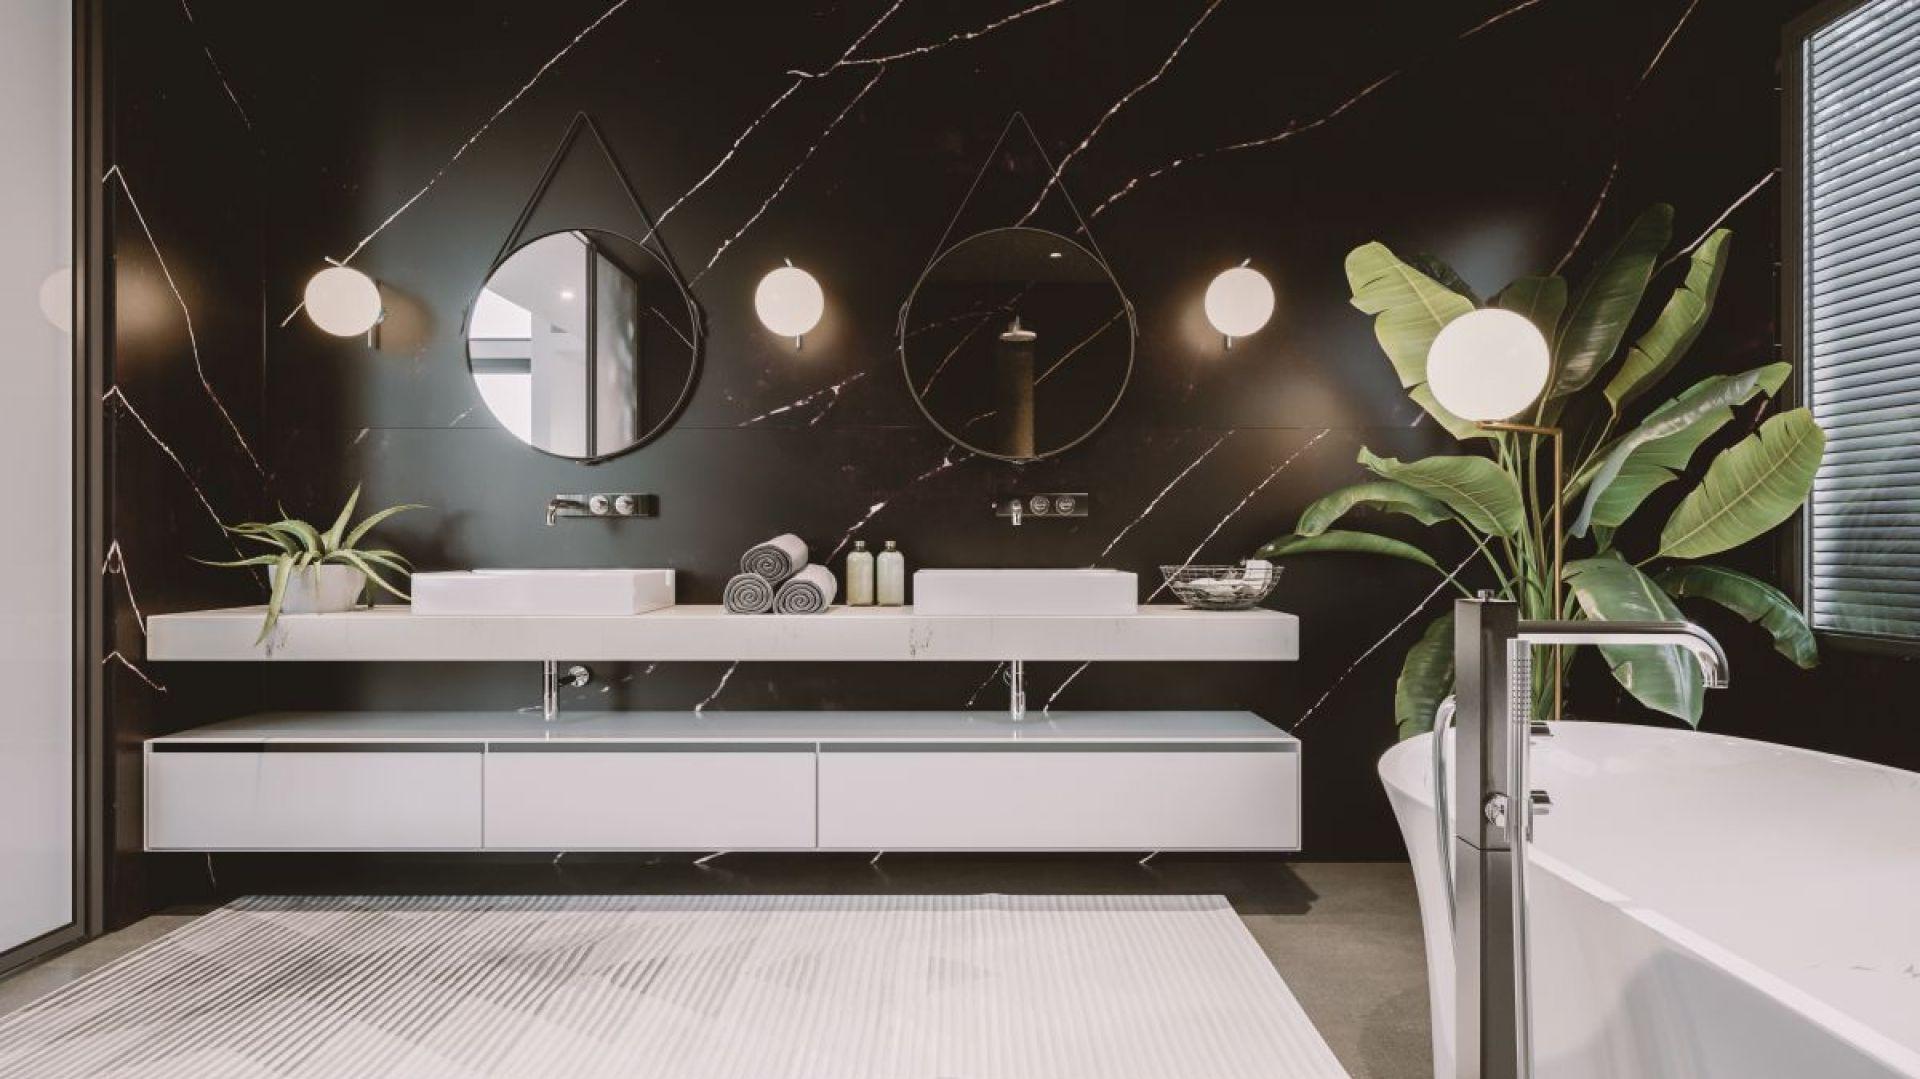 Aranżacja salonu kąpielowego z konglomeratem kwarcytowym  TechniStone® Poetic Black. Fot. Technistone